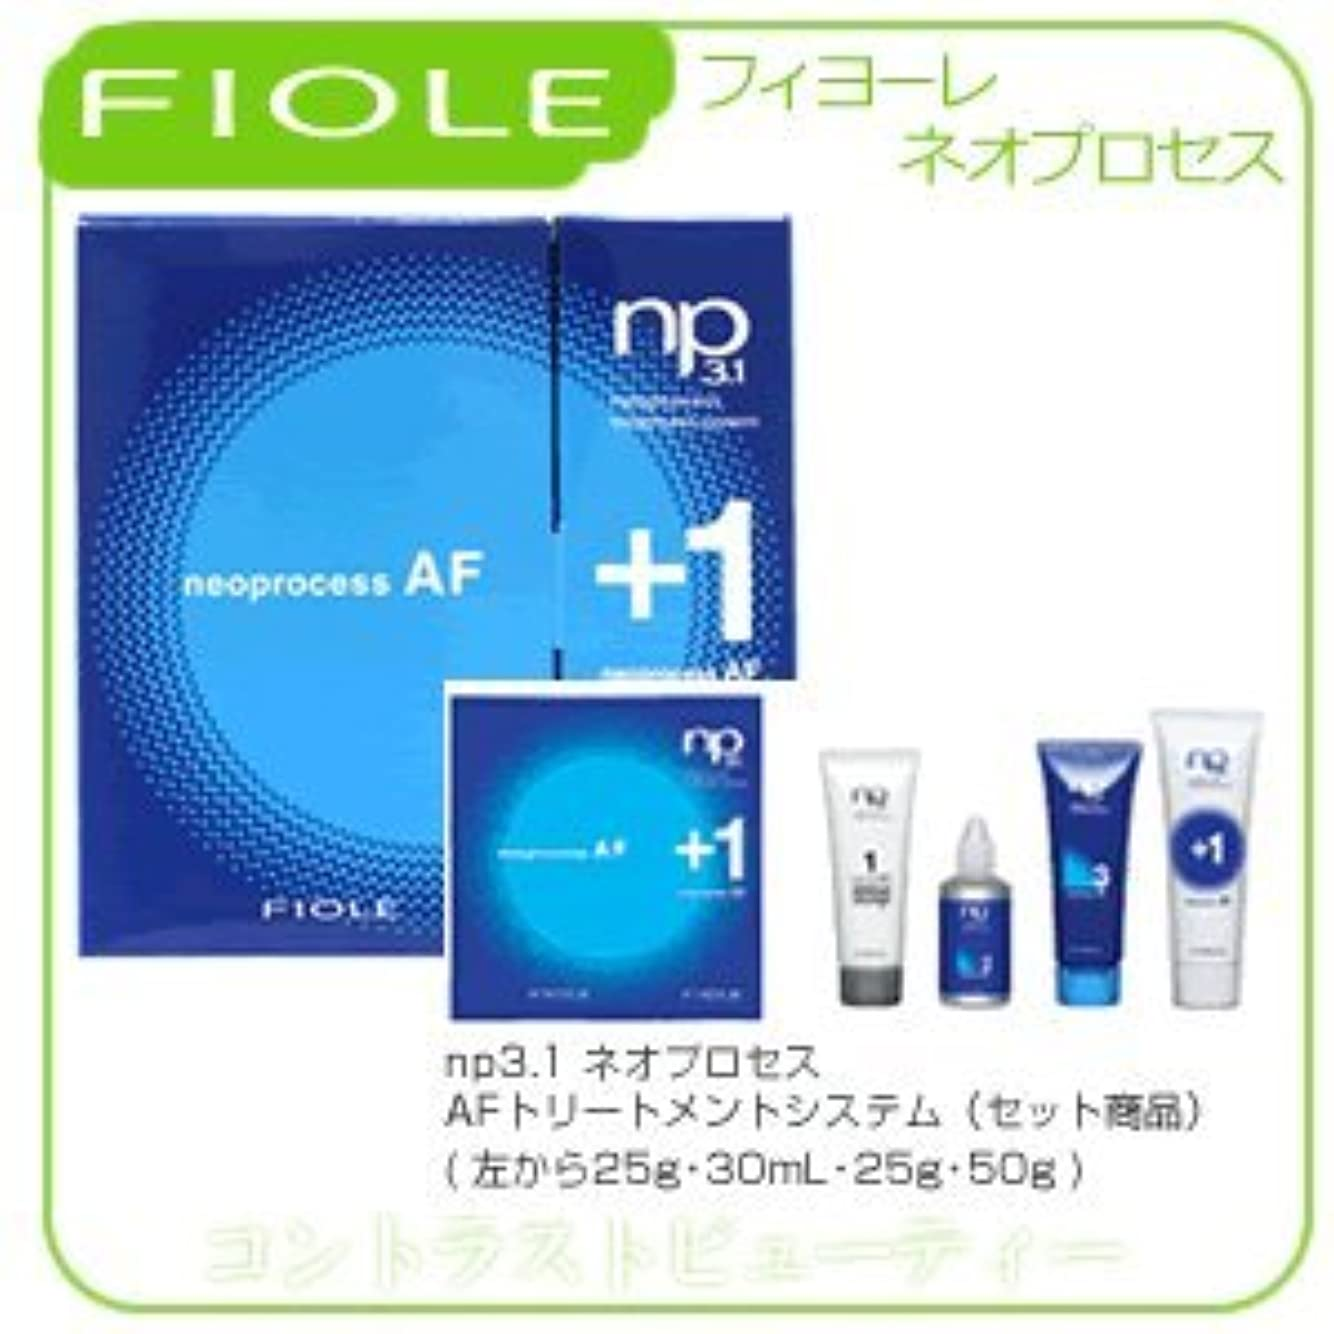 作成者スリンクふけるフィヨーレ NP3.1 ネオプロセス AF トリートメントシステム FIOLE ネオプロセス